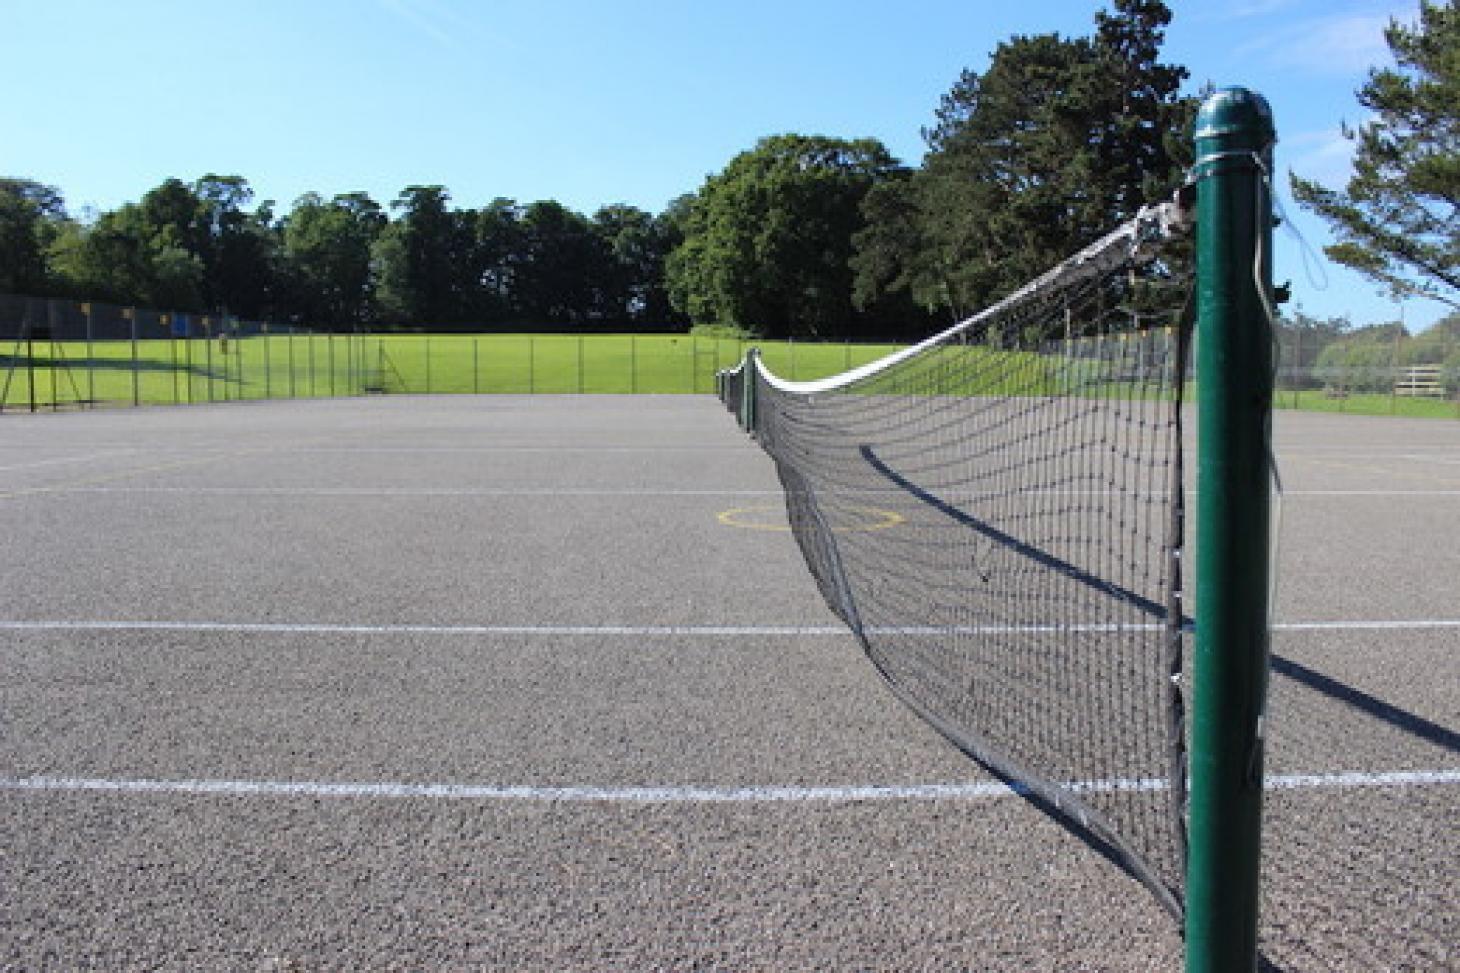 Putteridge High School Outdoor | Concrete tennis court